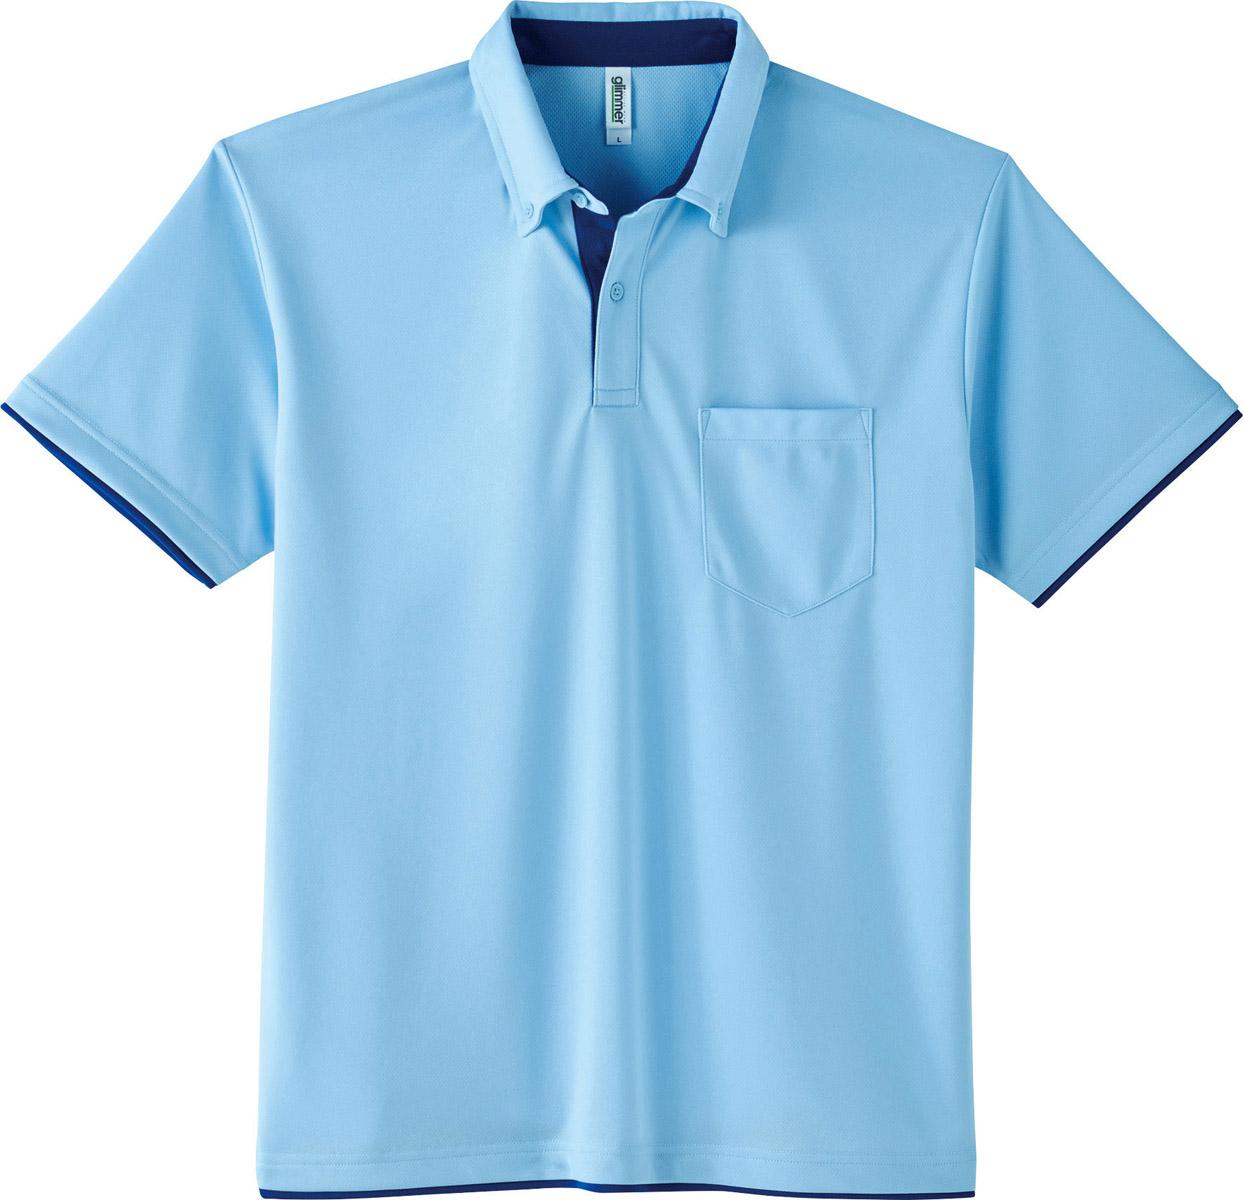 4.4オンス ドライレイヤードボタンダウンポロシャツ(ポケット付)販売。刺繍、プリント加工対応します。研修医、医療チームウェアに人気